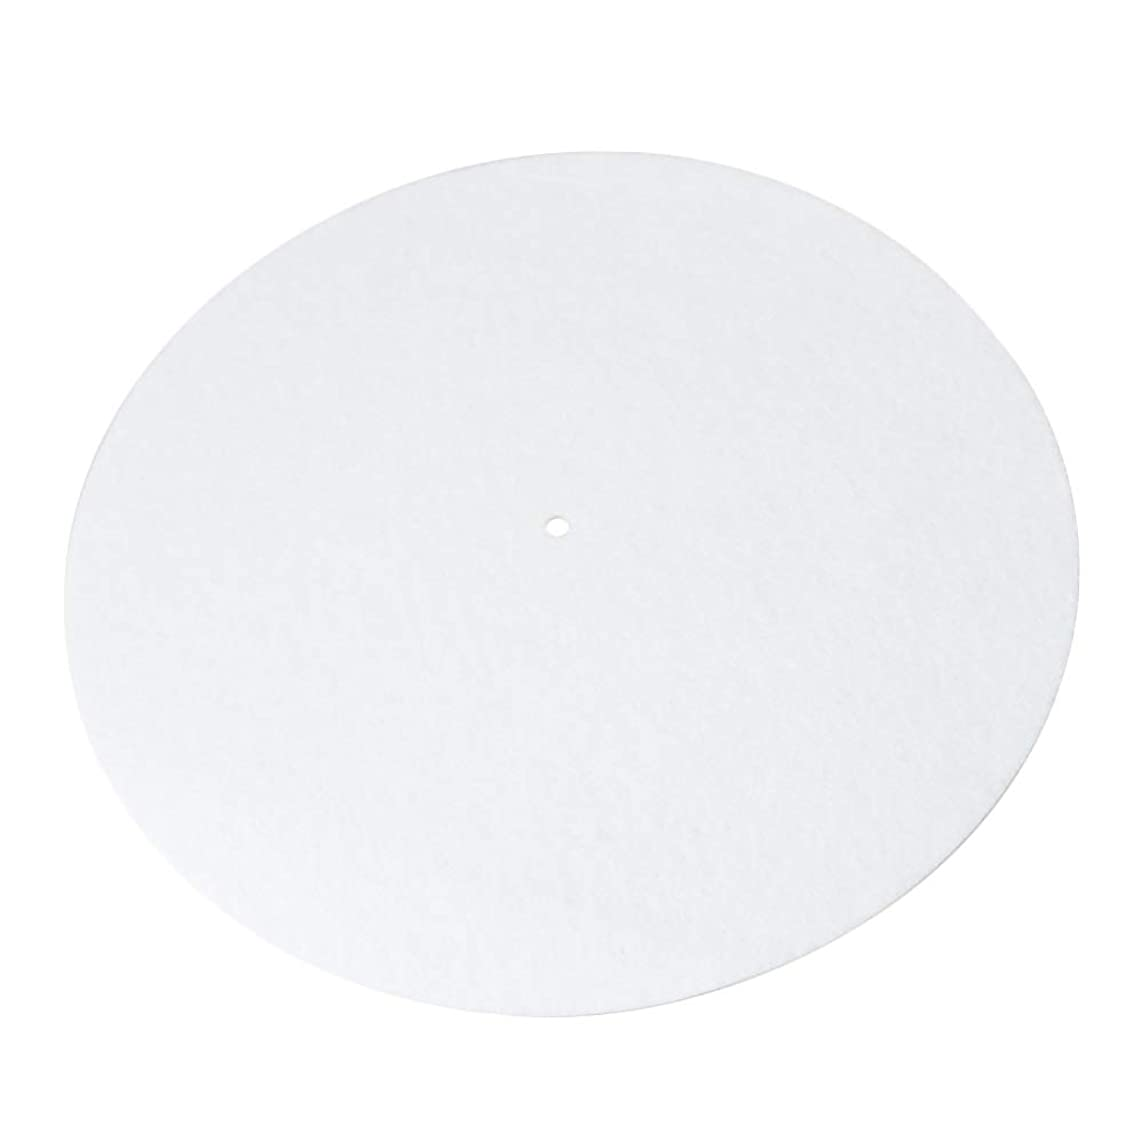 何多様性羨望レコードスリップマットマットパッド 楽器パッド レコード用 30x0.2cm ベルベット製 ホワイト